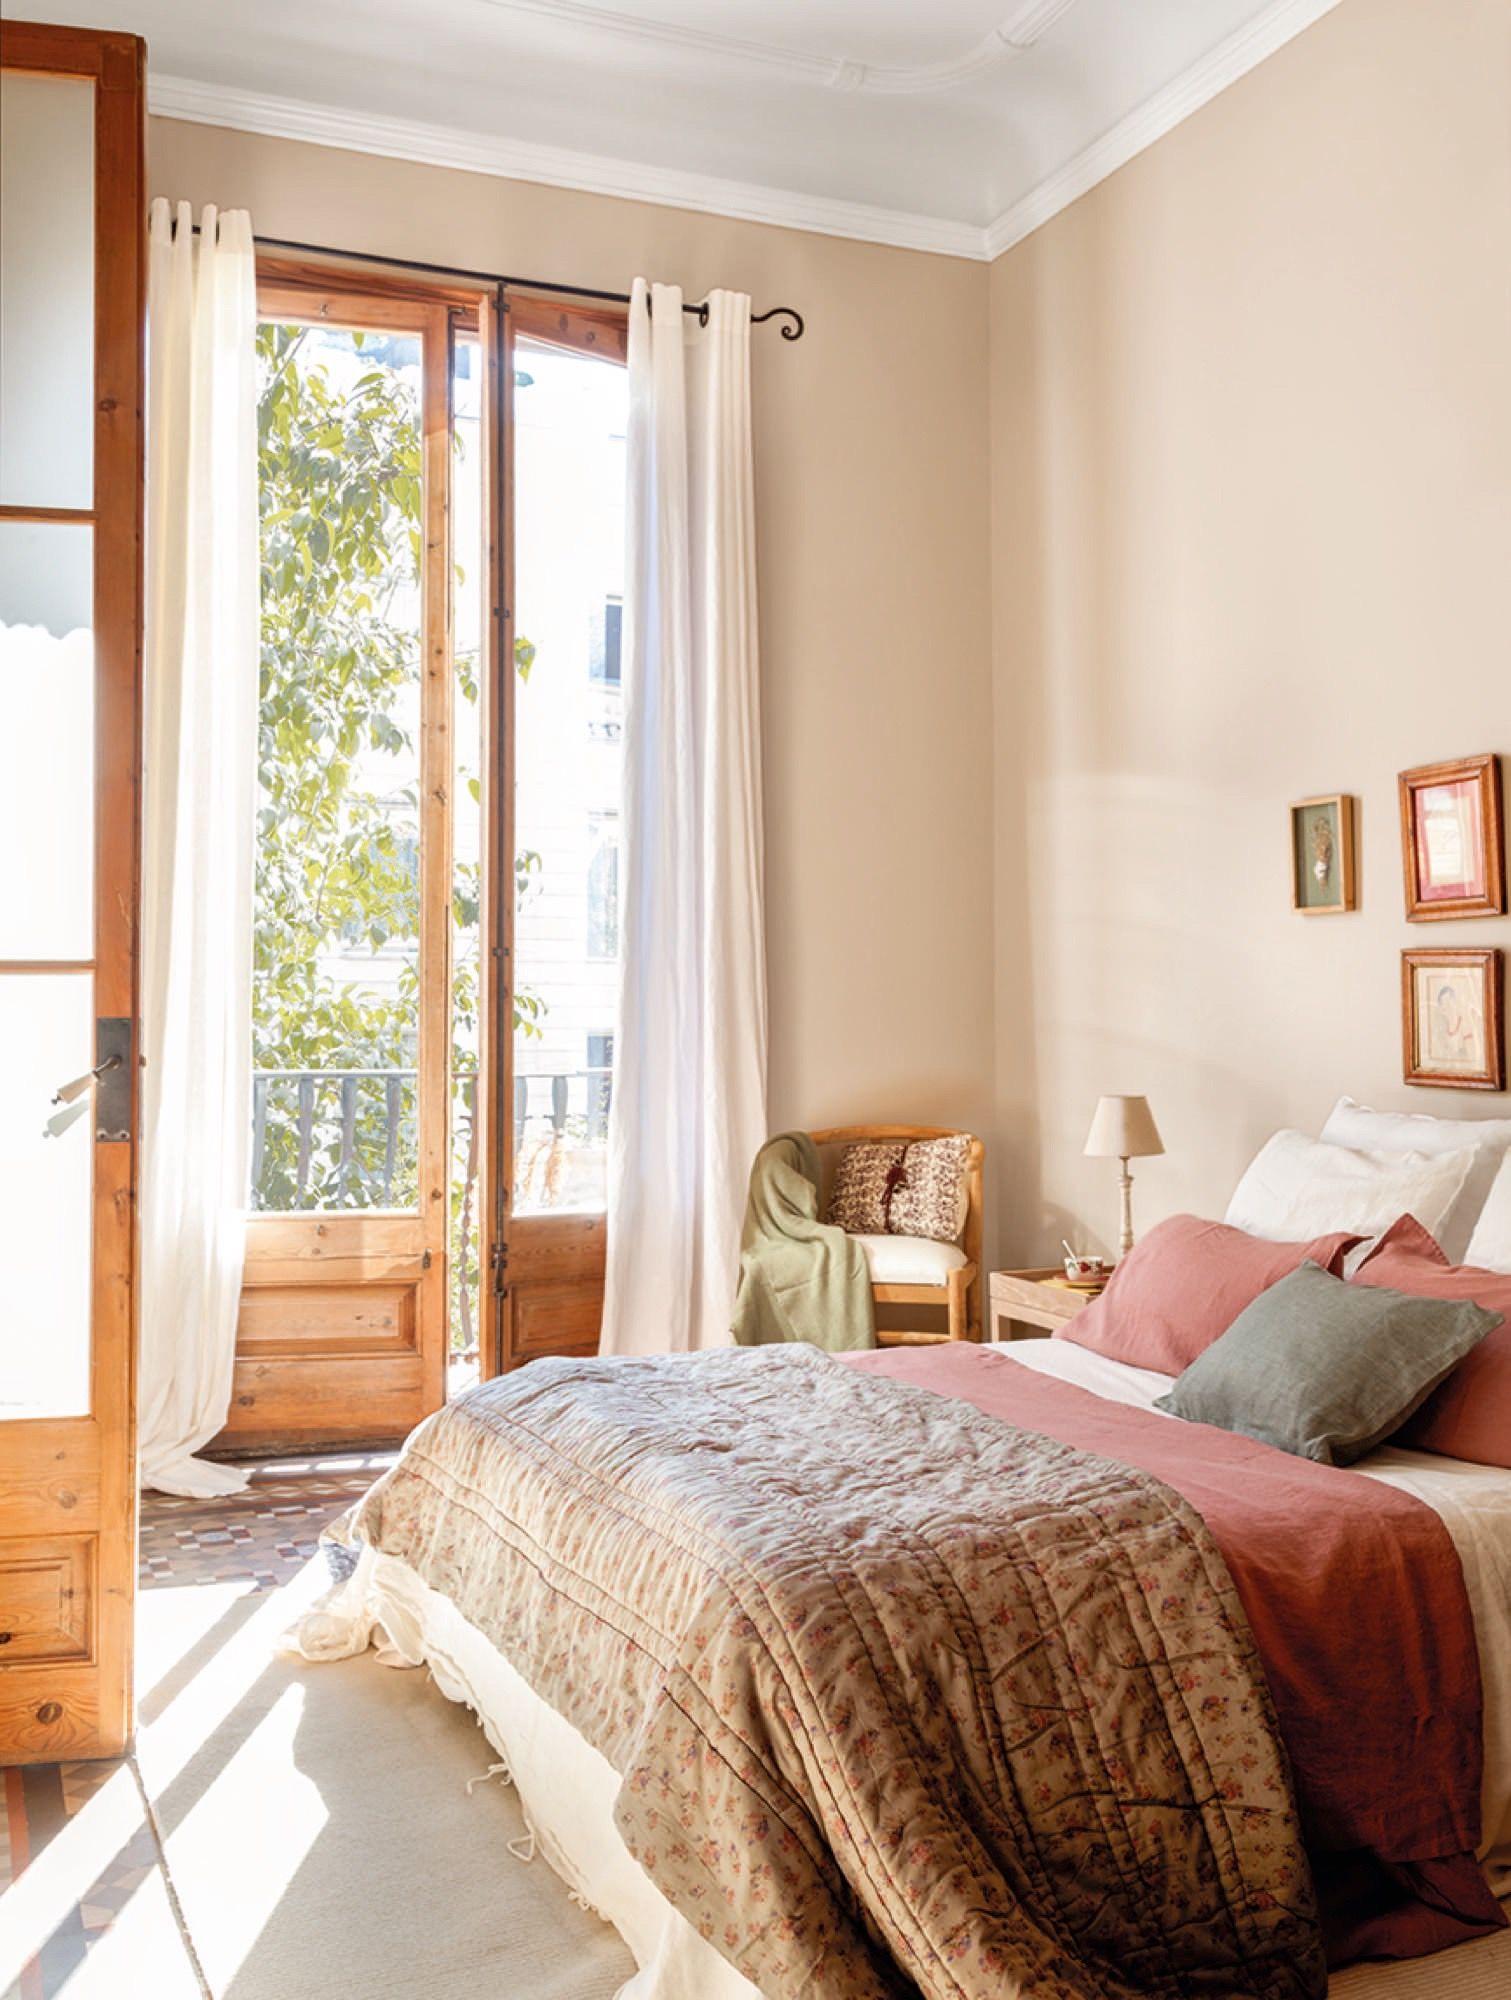 Un Piso En Barcelona Con Suelos De Mosaico Decora El Dormitorio  ~ Orientaciã³n De La Cama Para Dormir Bien